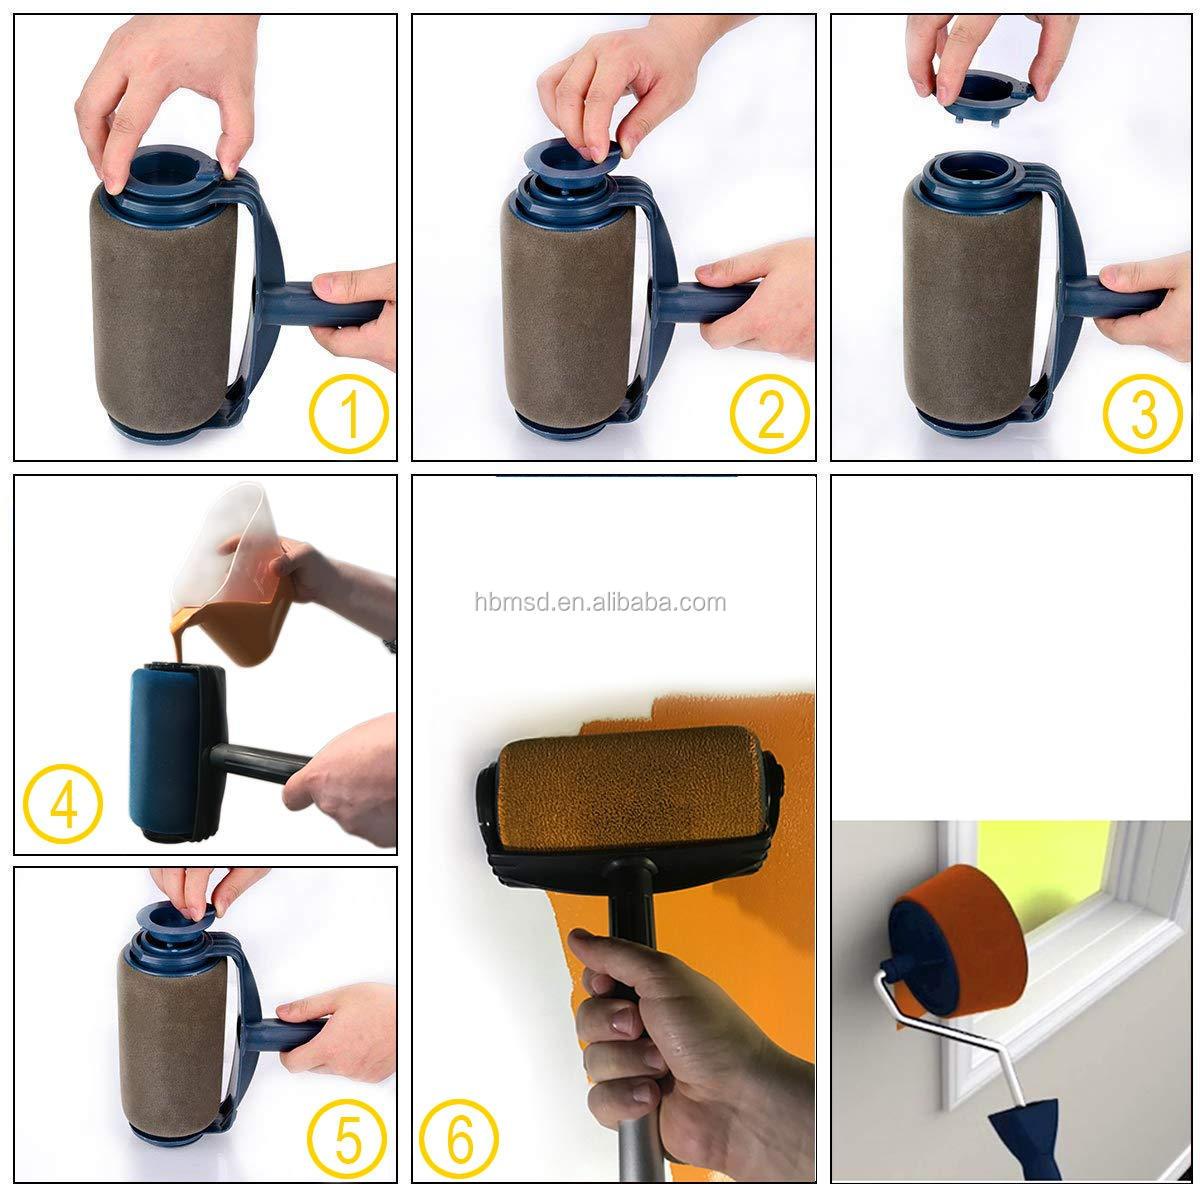 Новая популярная многофункциональная кисть «сделай сам», роликовая кисть, ручной инструмент, бытовая угловая кисть для дома, офиса, комнаты, многофункциональная настенная